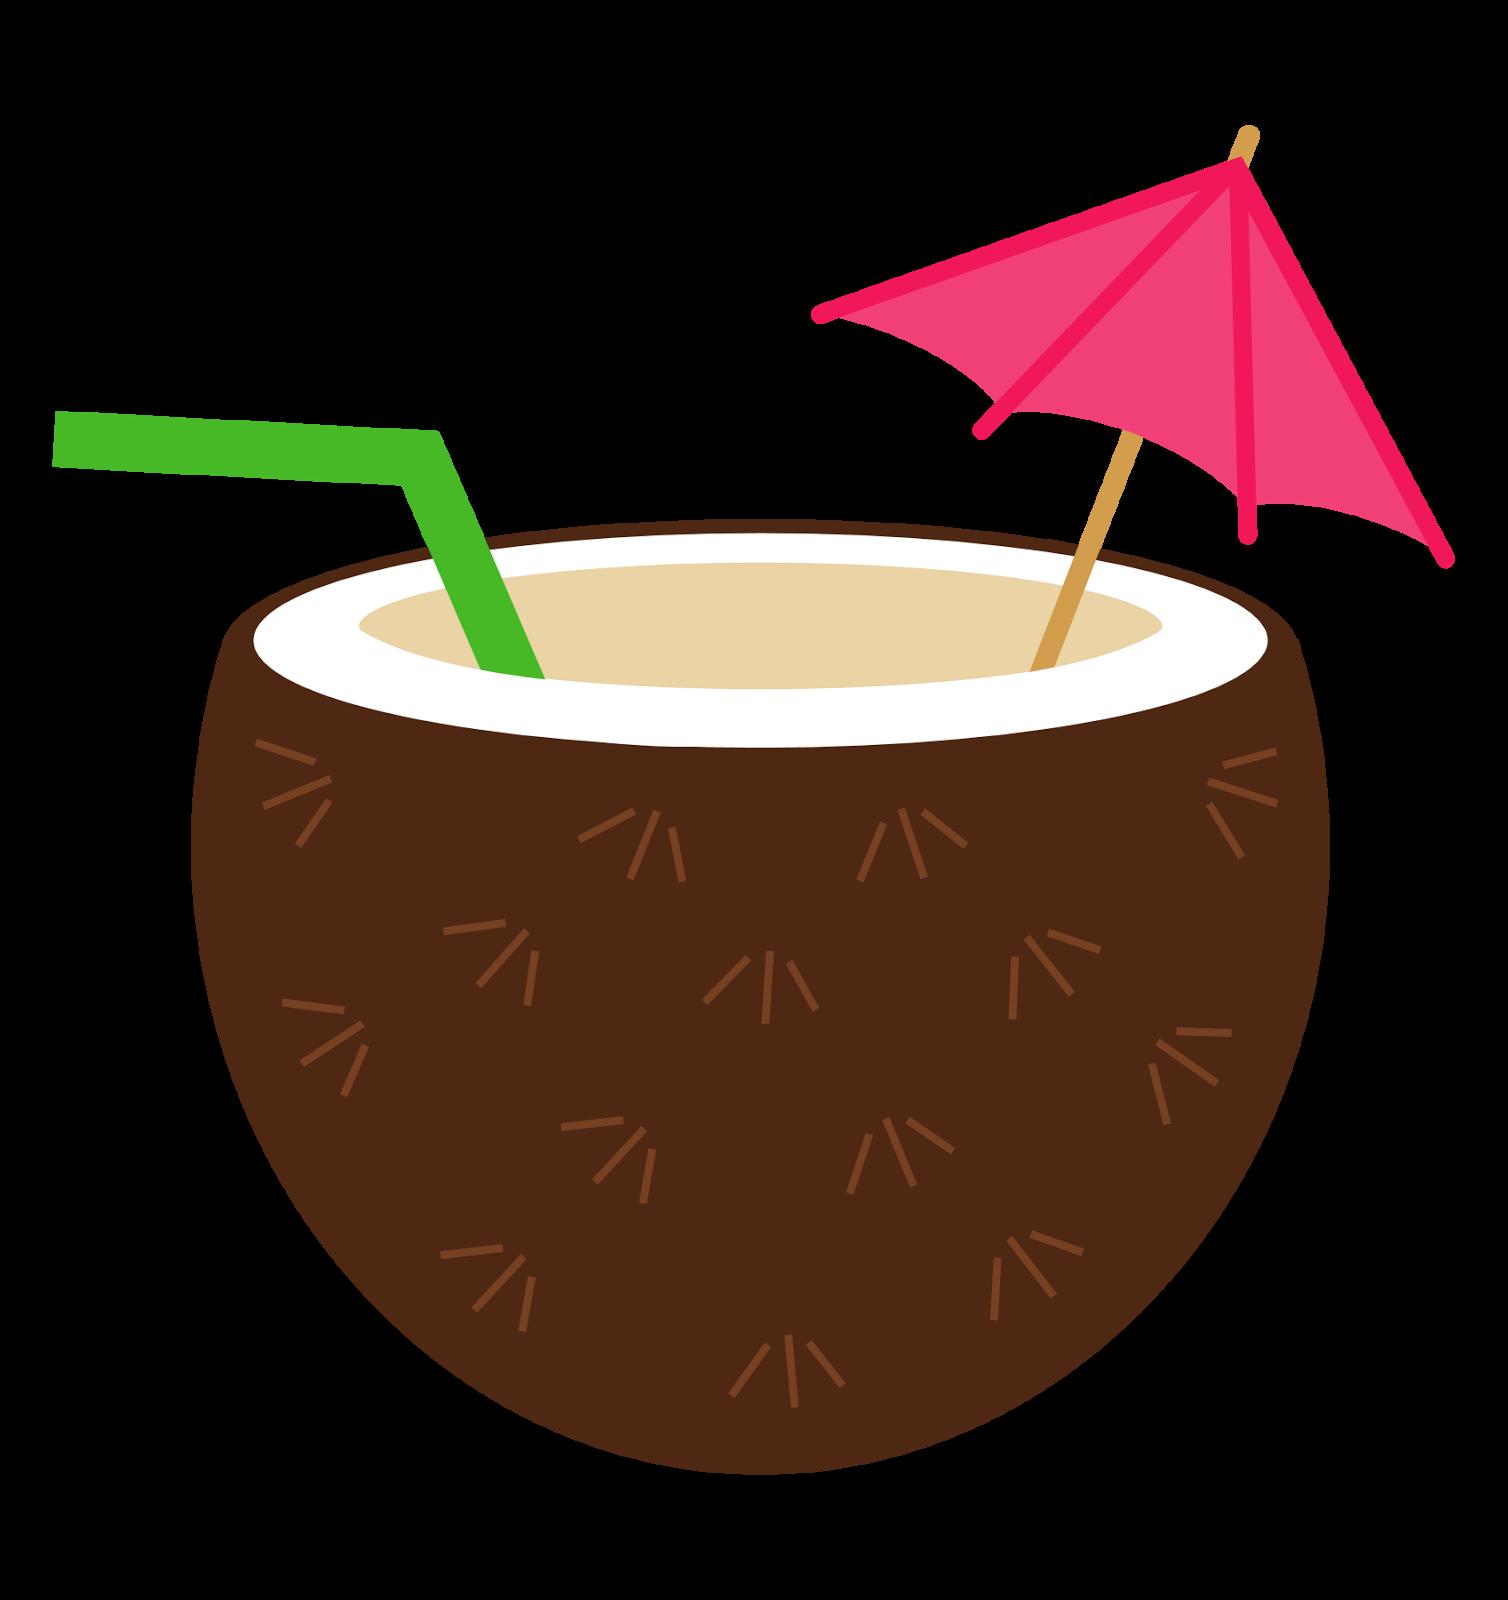 coconut clipart luau flower [ 1508 x 1600 Pixel ]